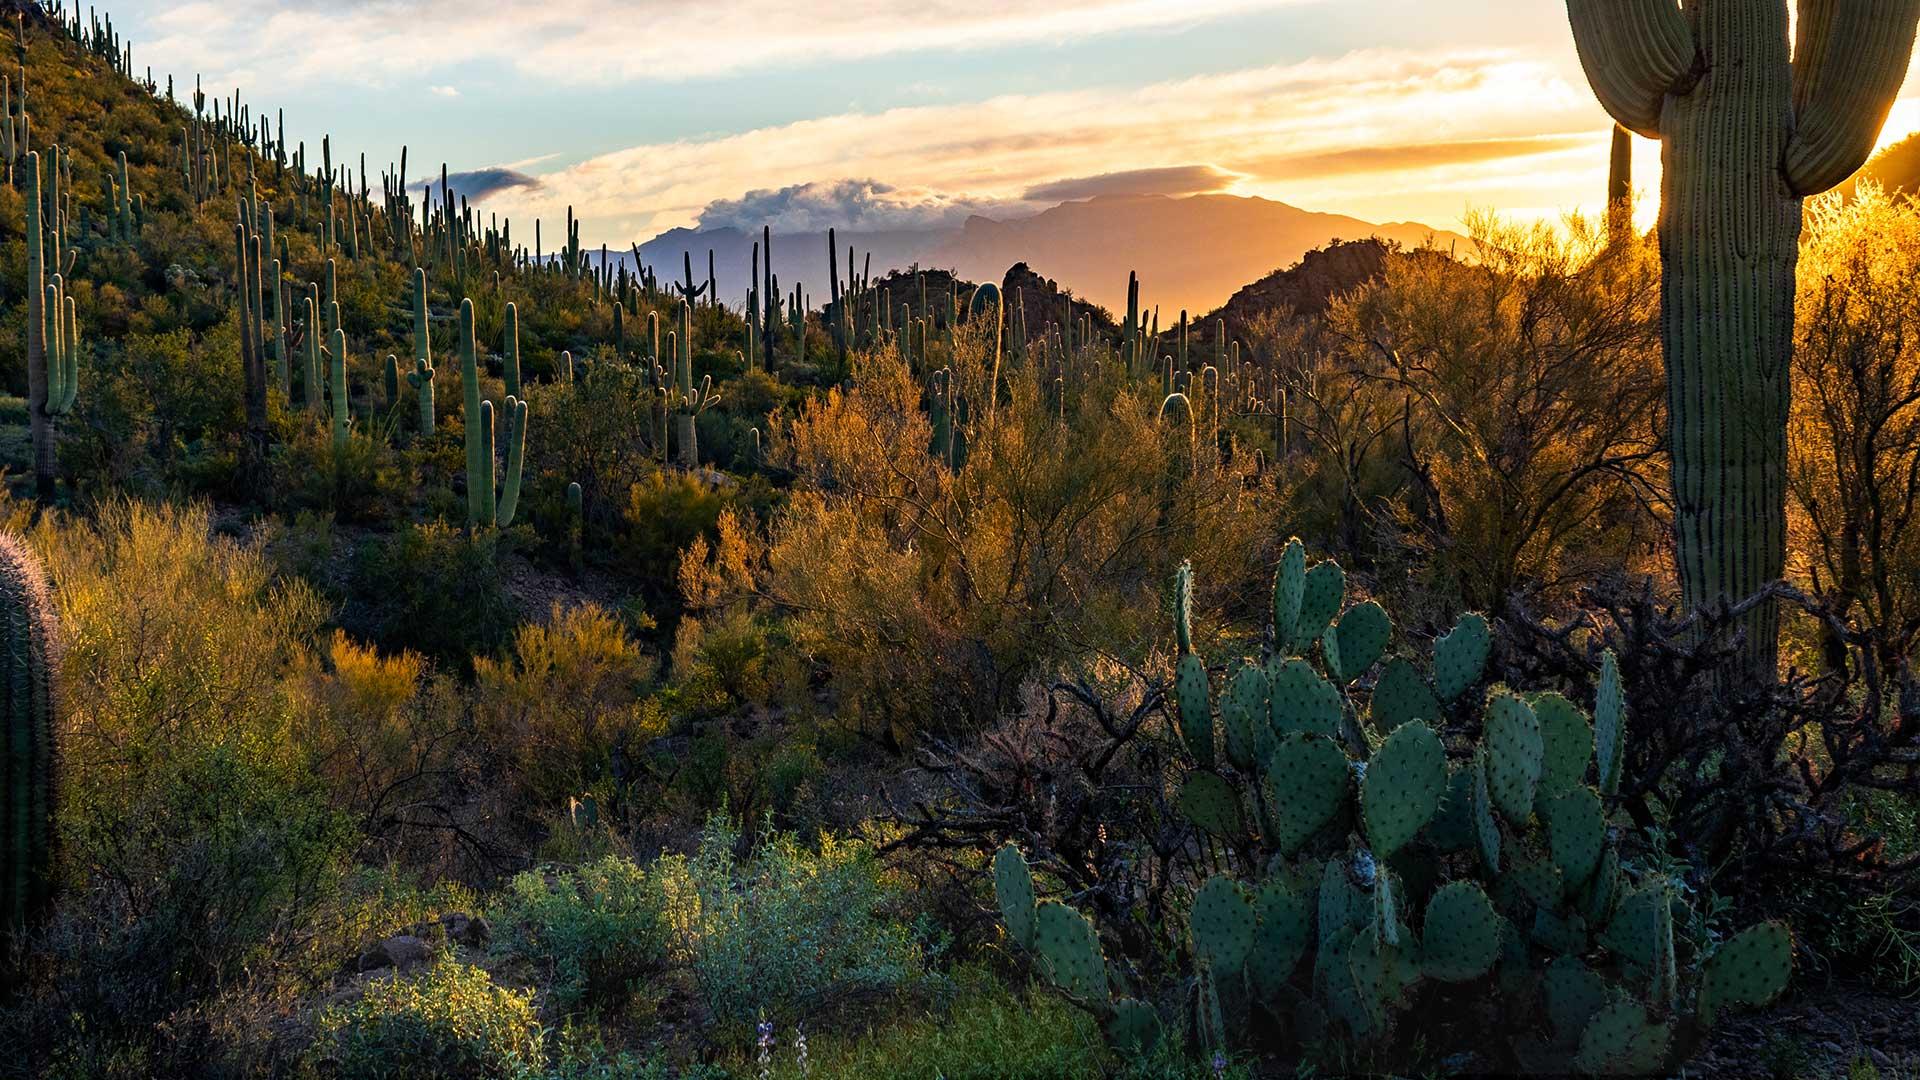 A beautiful desert landscape at sunset